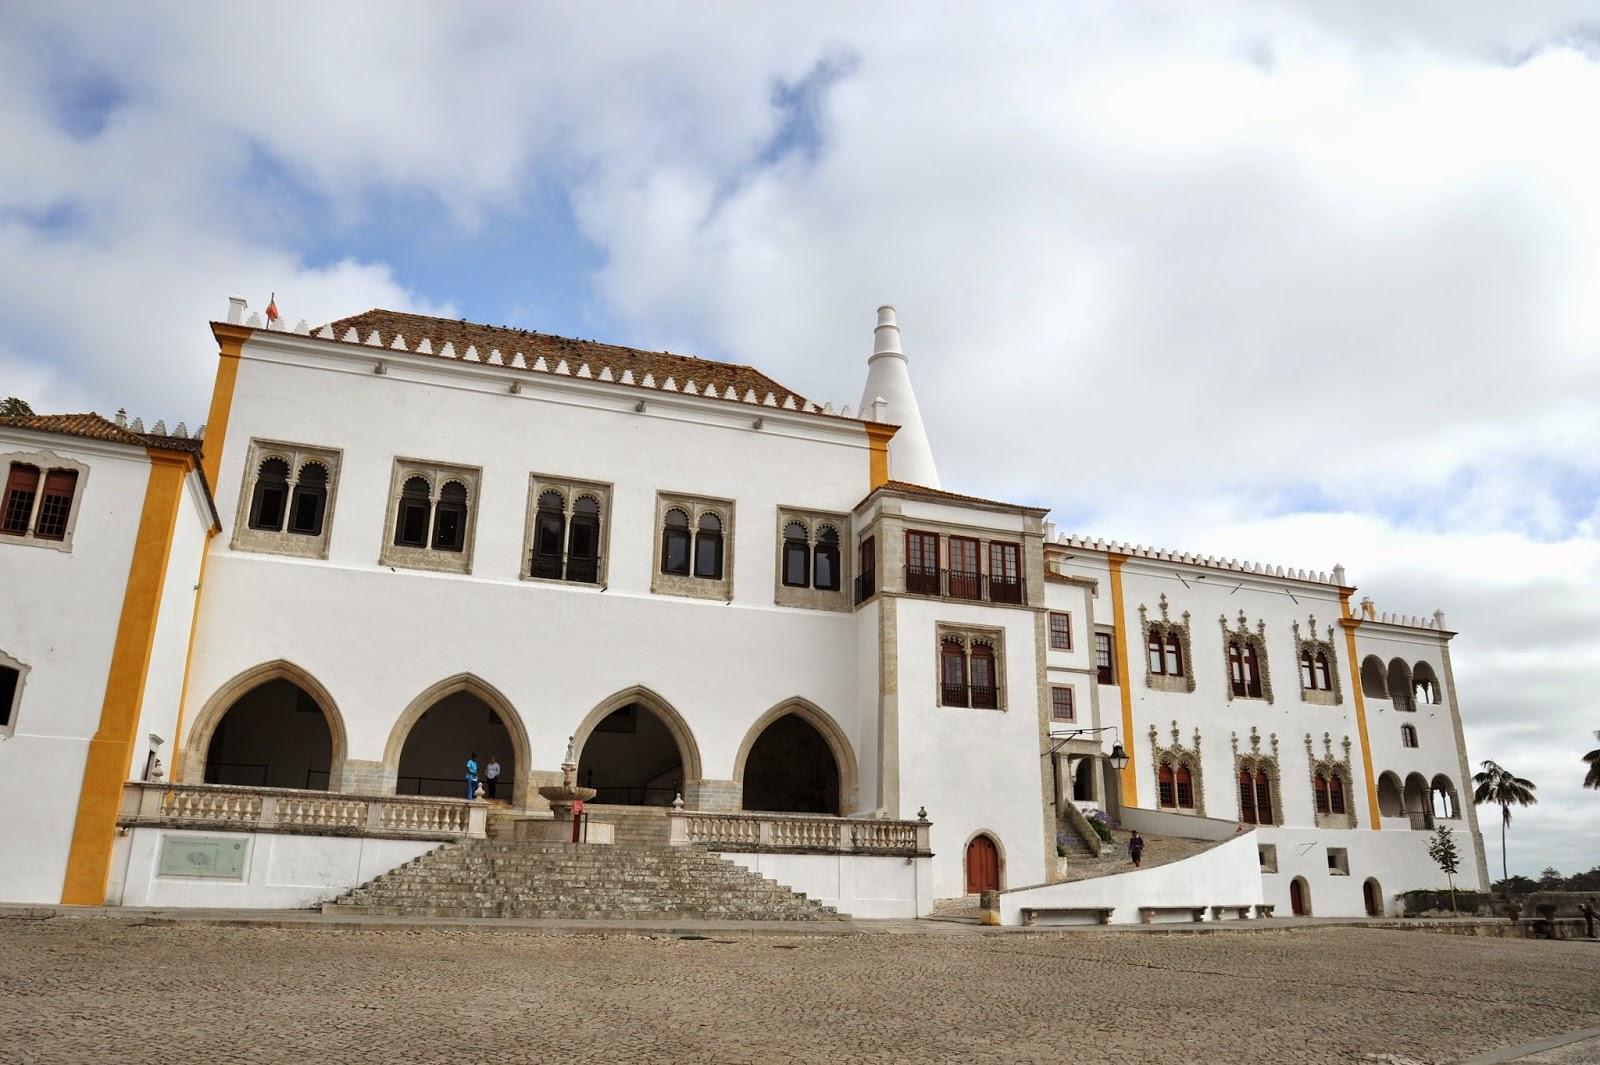 Cosa vedere in un giorno a Sintra, il luogo incantato del Portogallo